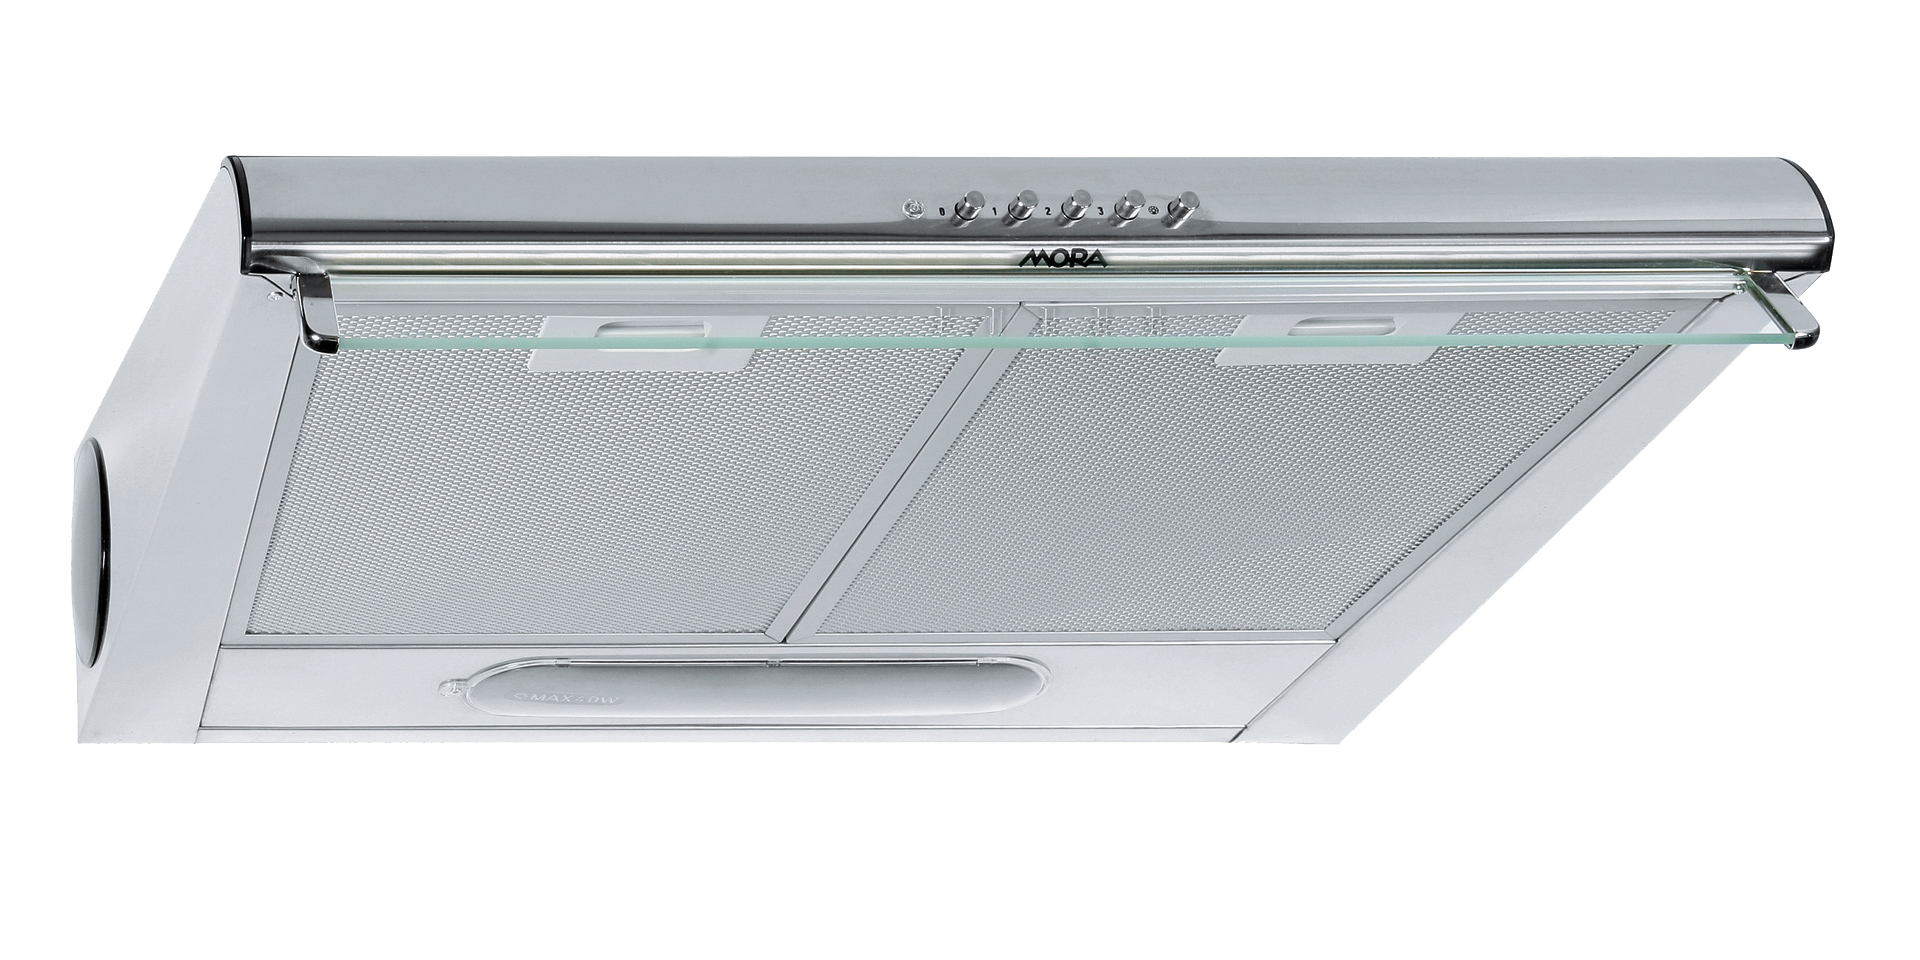 MORA OP 620 X odsávač par 60cm